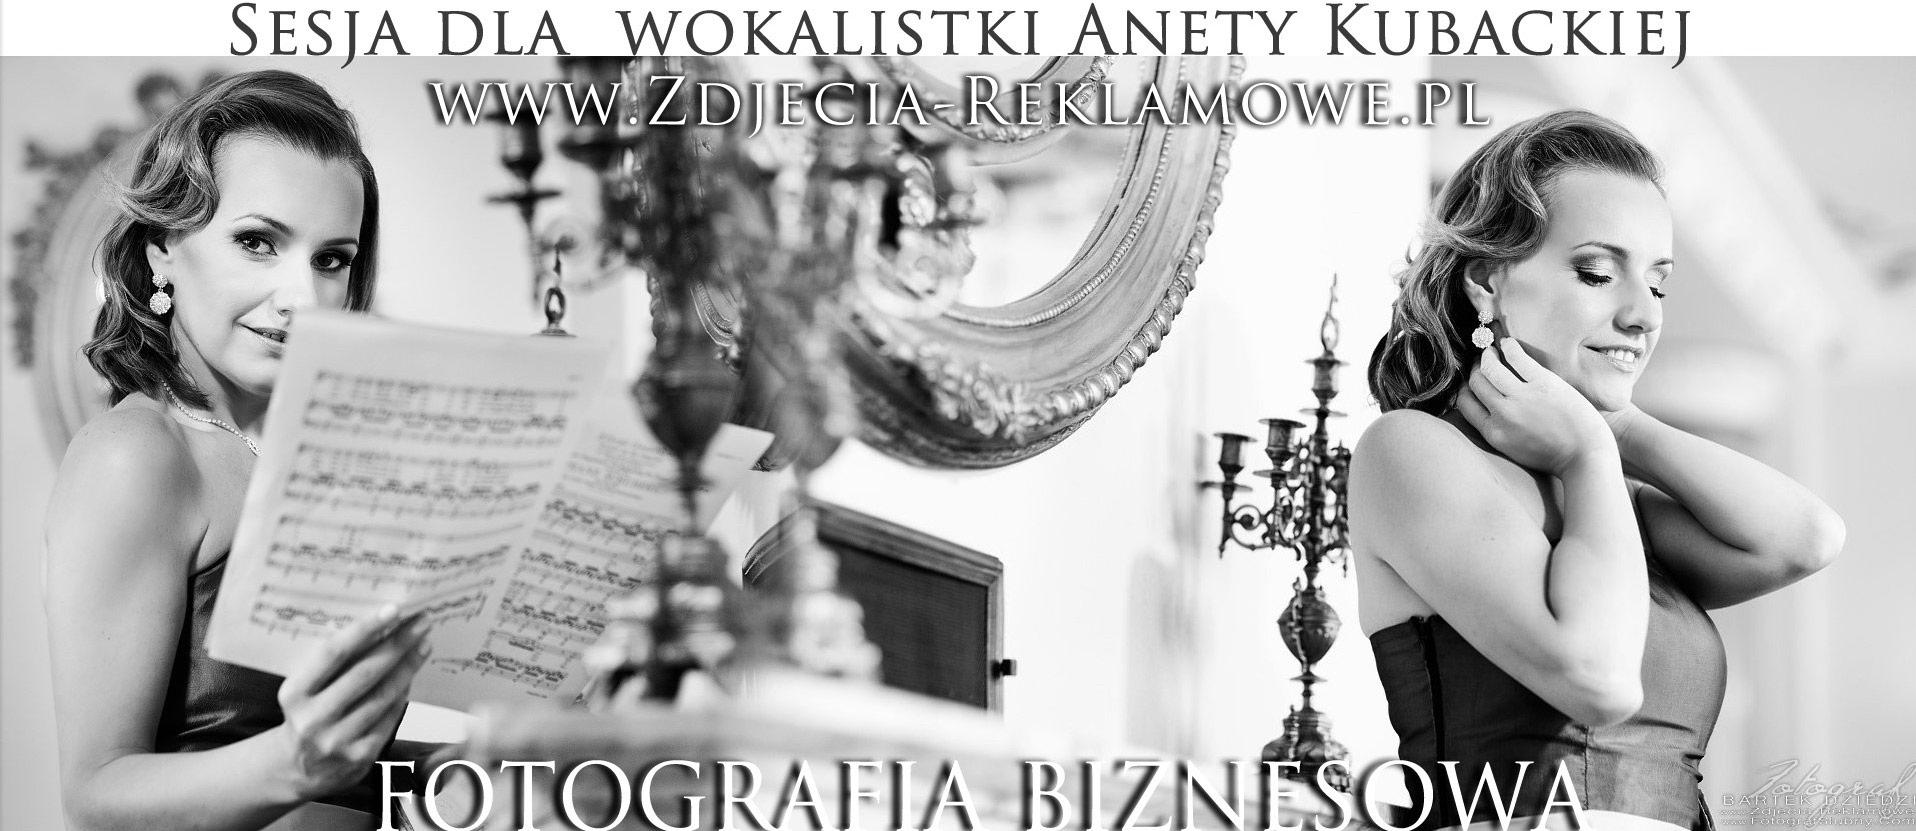 Fotografia biznesowa Kraków. Sesja zdjęciowa dla wokalistki Anety Kubackiej. Sesje zdjęciowe dla firm. Profesjonalny Fotograf